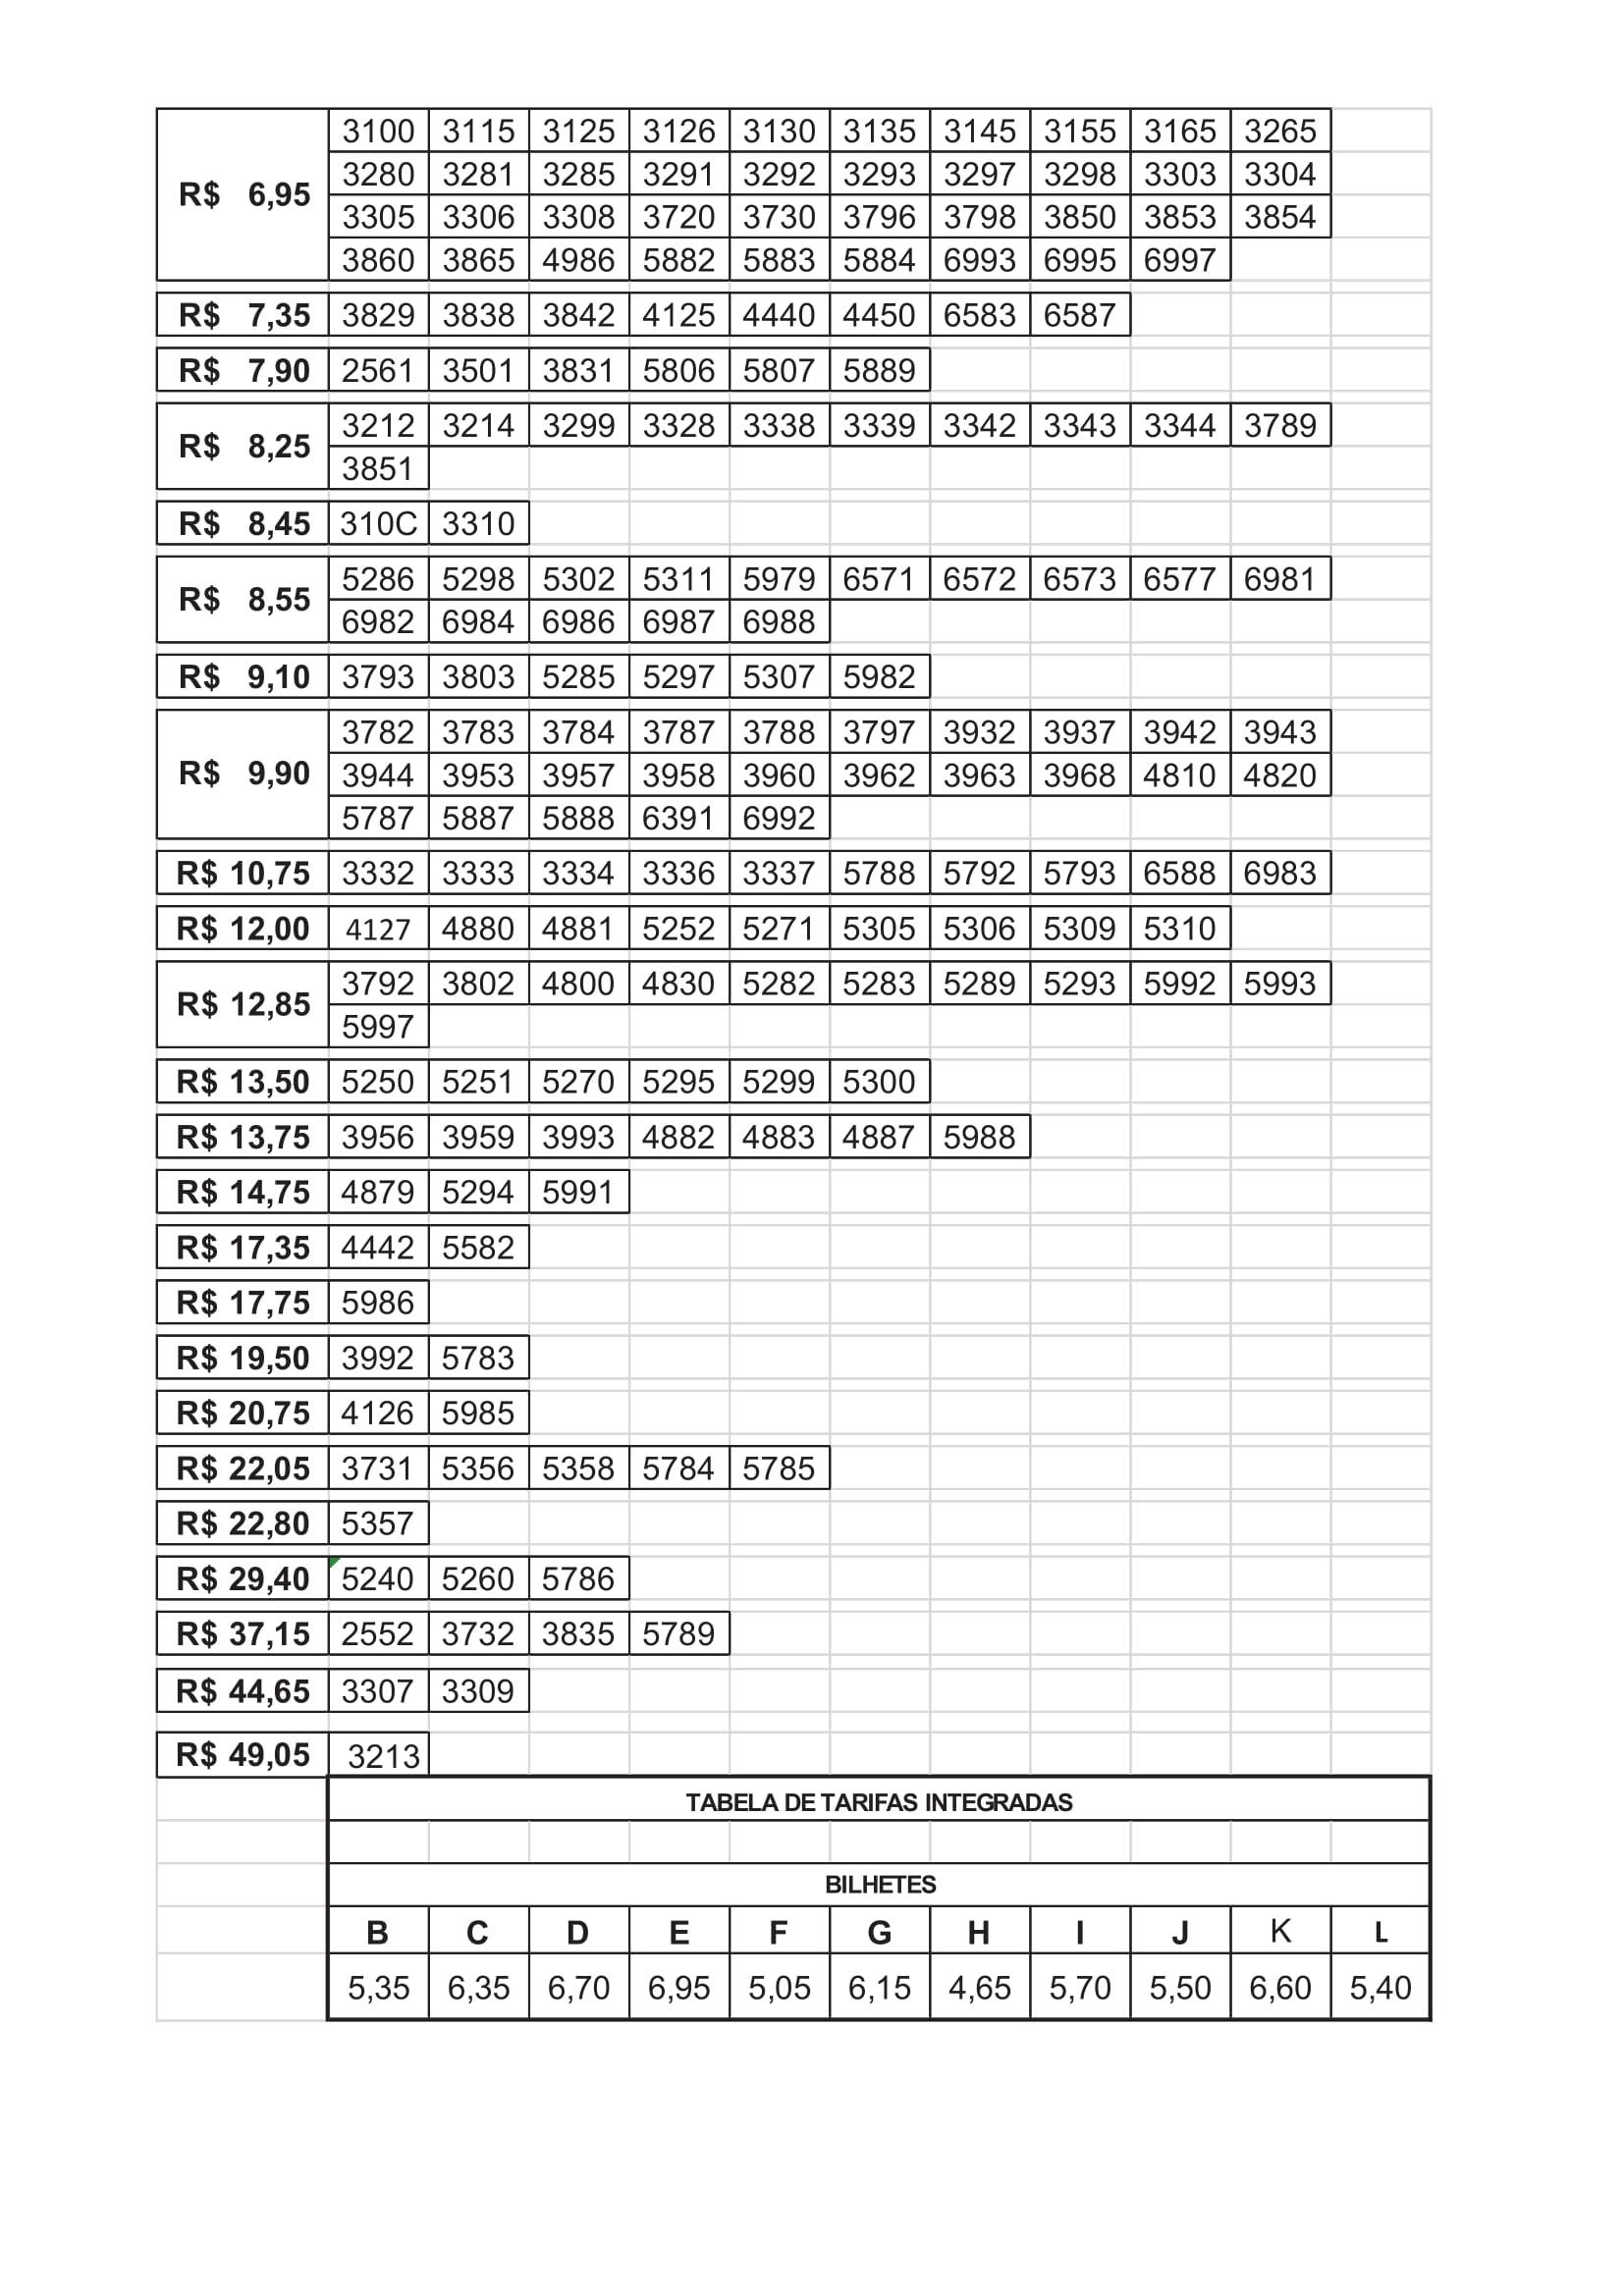 tabela_12-2018-3